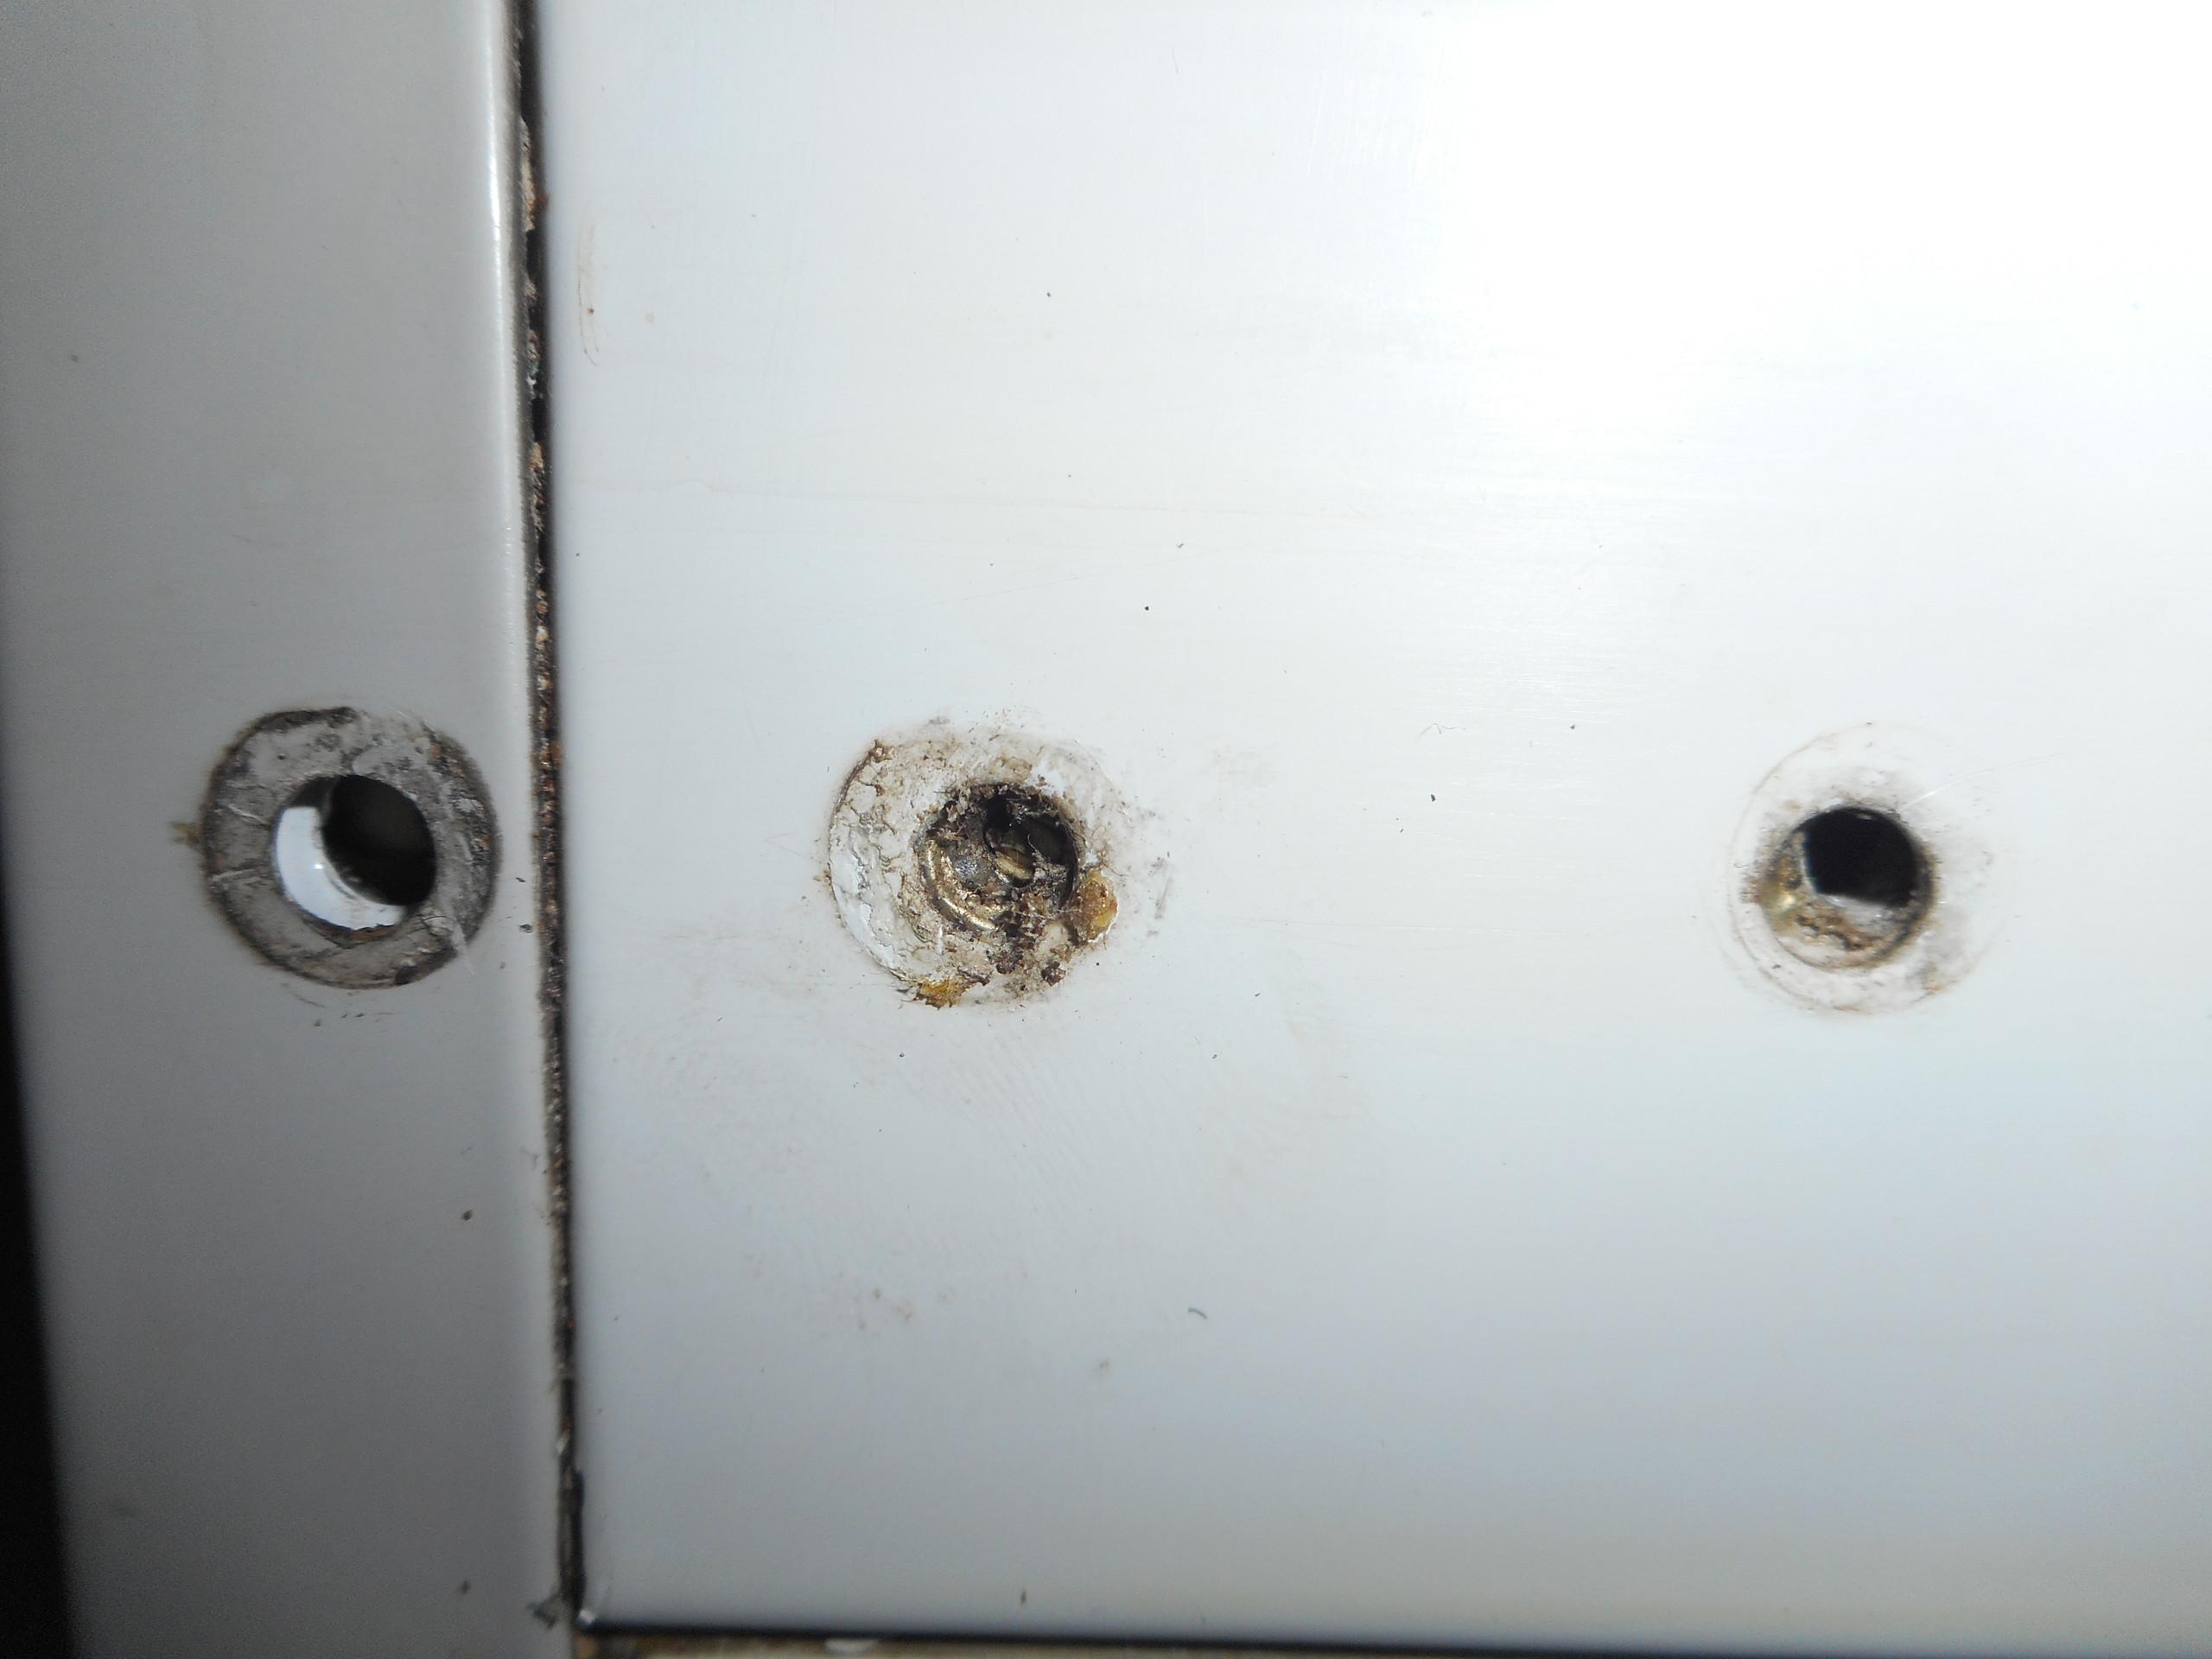 Arcelik Buzdolabi Kapak Yon Degisimi Kontrol Kalemi Forumlari